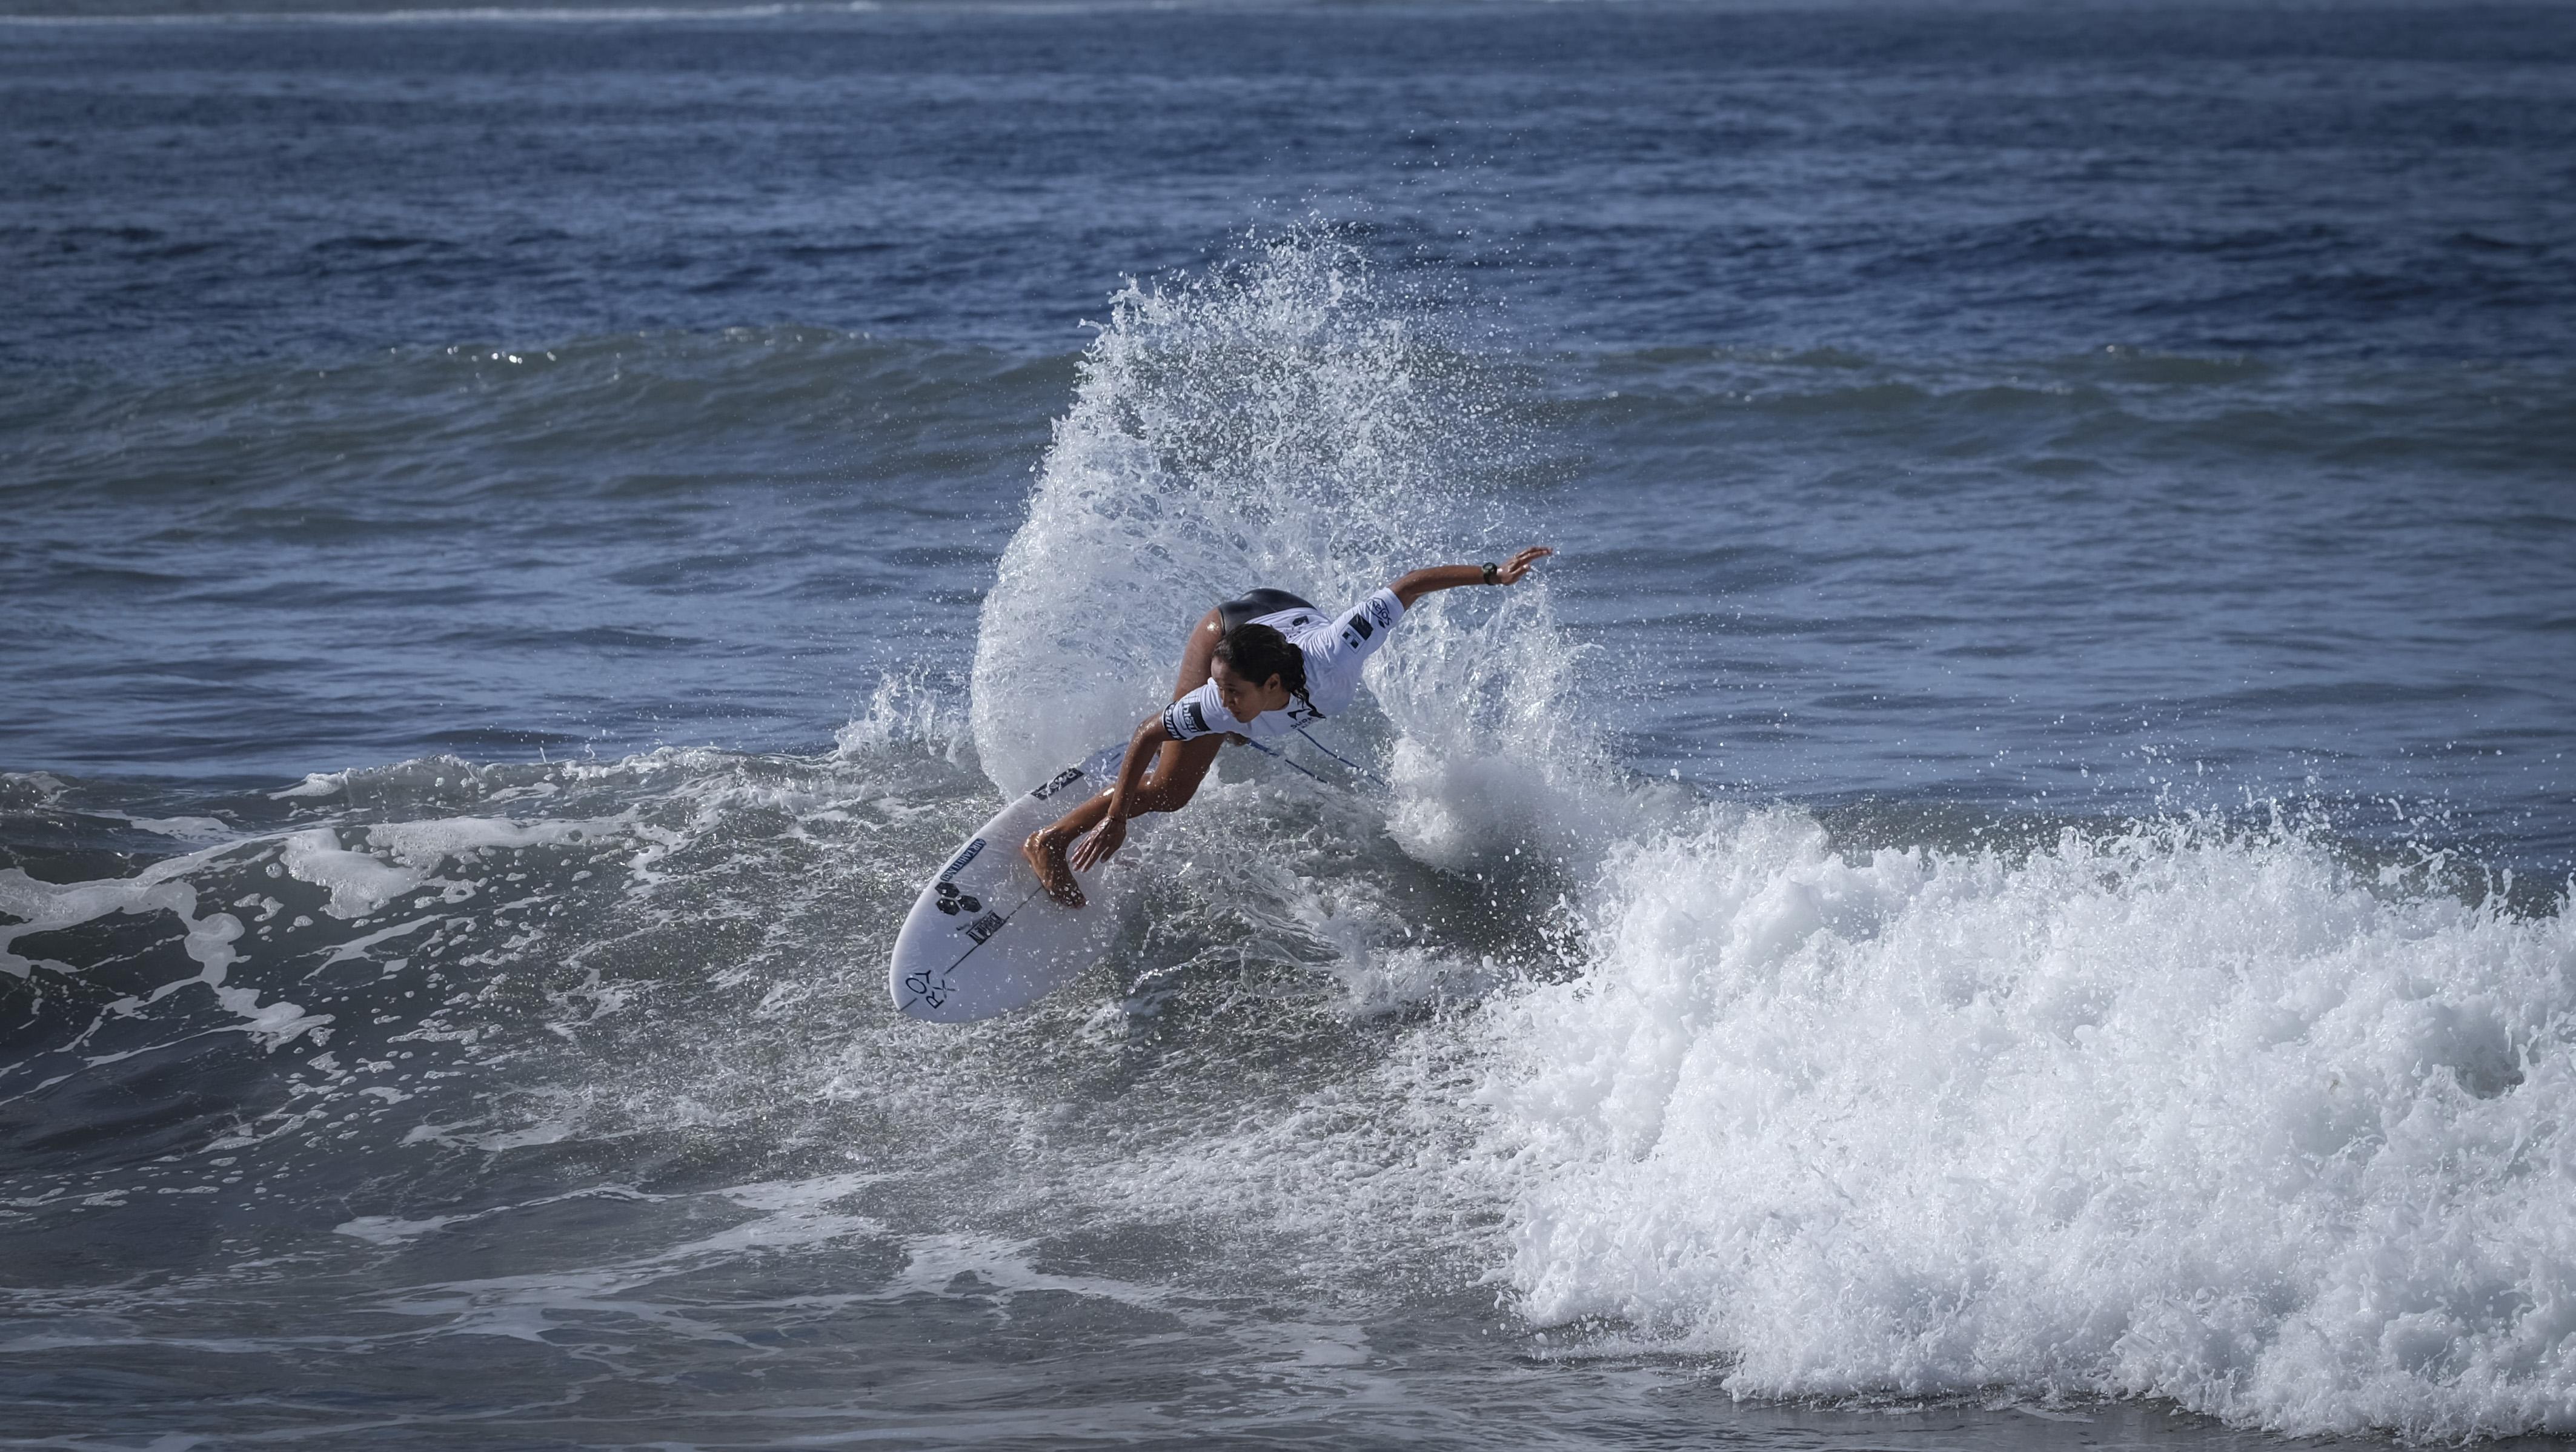 La Tahitienne Vahine Fierro, 20 ans, est la plus jeune de ce rassemblement. La surfeuse de Huahine a montré mardi de belles dispositions sur le beach-break de Taharuu.